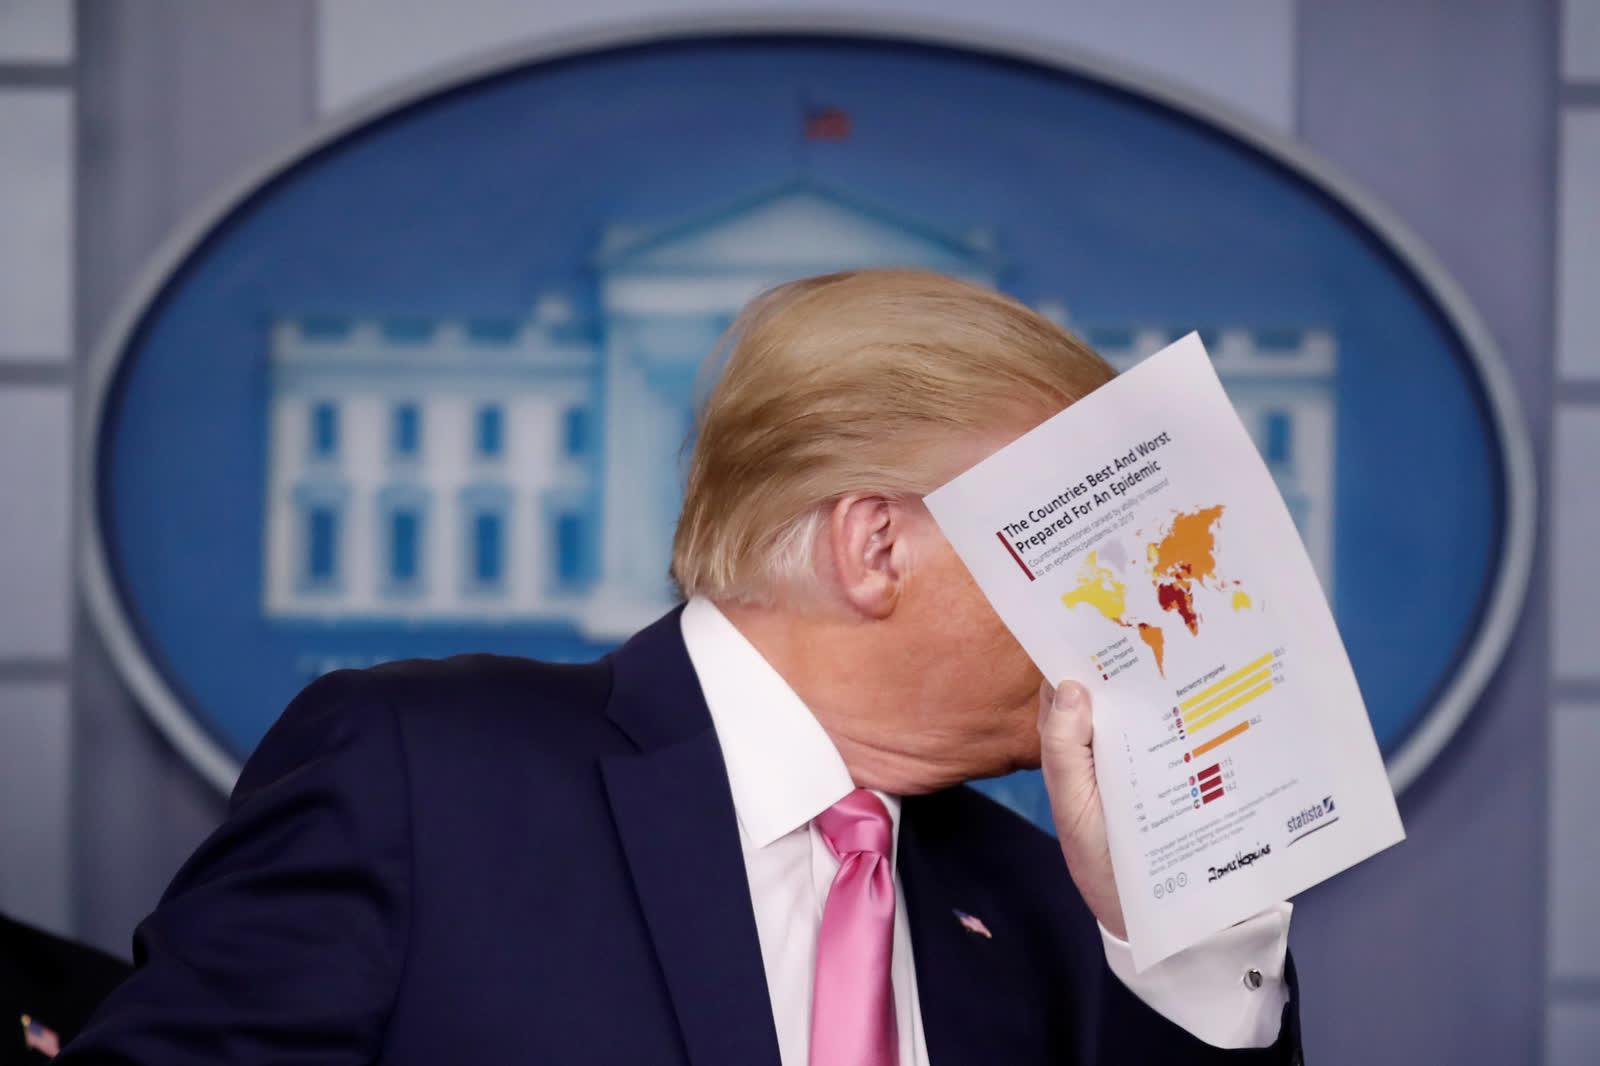 2 дугаар сарын 26. АНУ-ын Ерөнхийлөгч Дональд Трамп хэвлэлийн бага хурлын үеэр коронавирусний эсрэг явуулах Цагаан ордны хариу арга хэмжээг танилцуулж байгаа нь... /Photo by Carlos Barria/